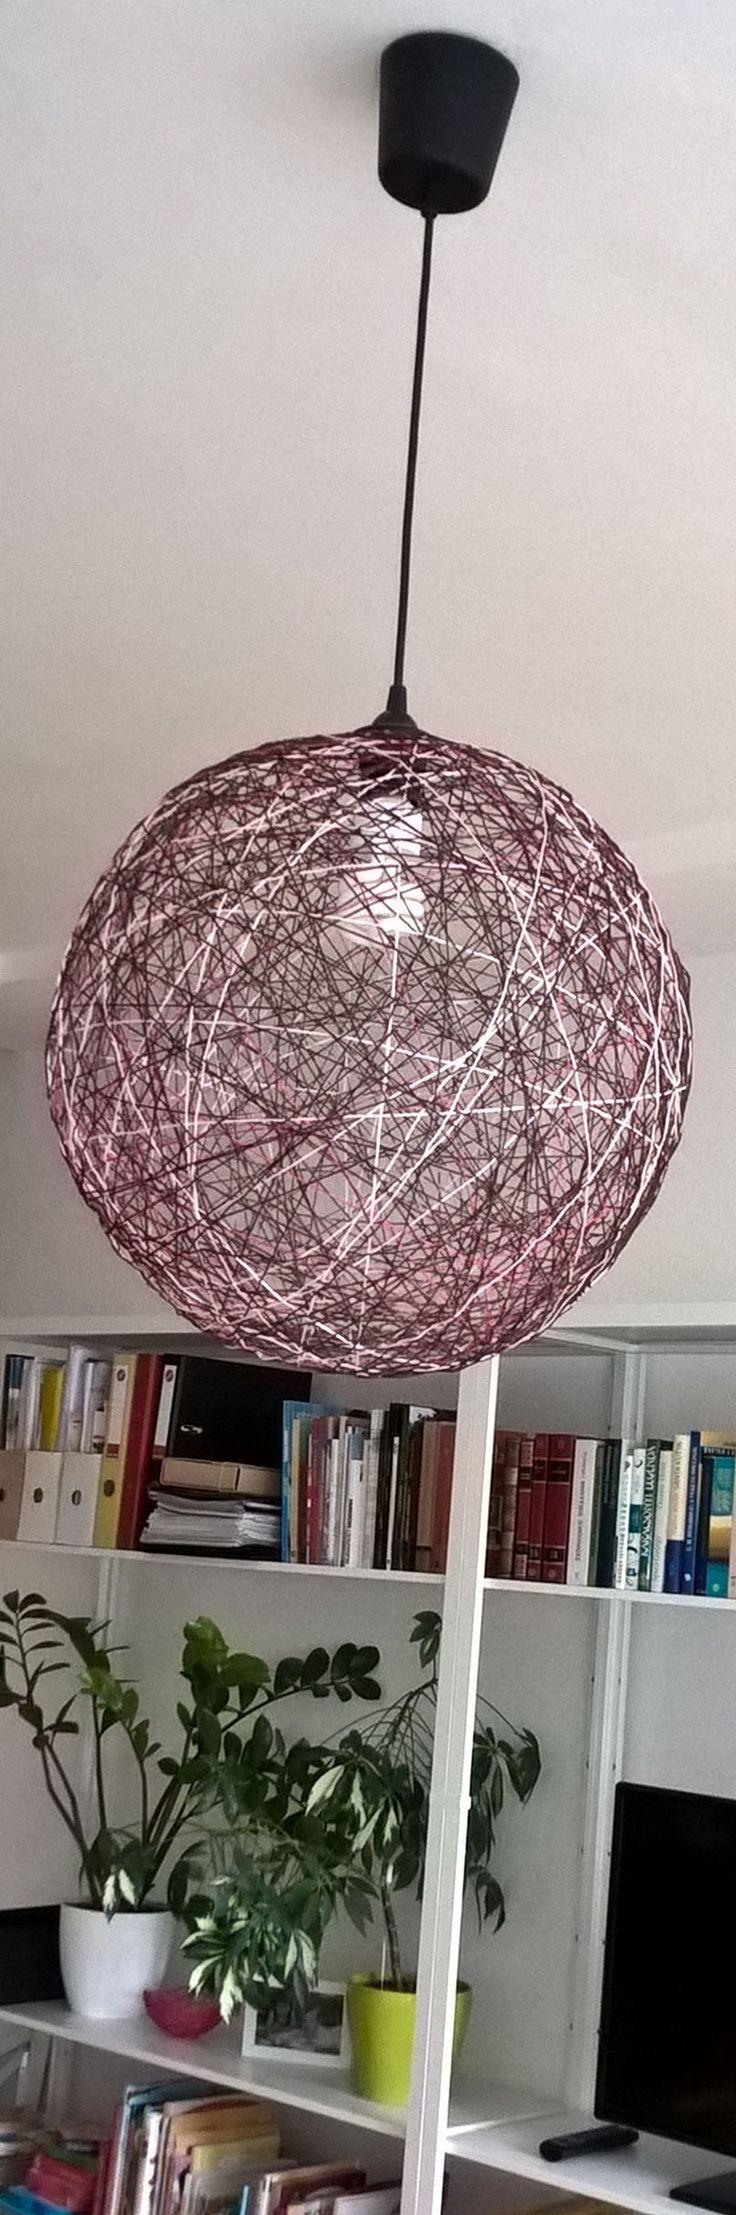 Brown-pink yarn lamp + Fjalkinge shelf